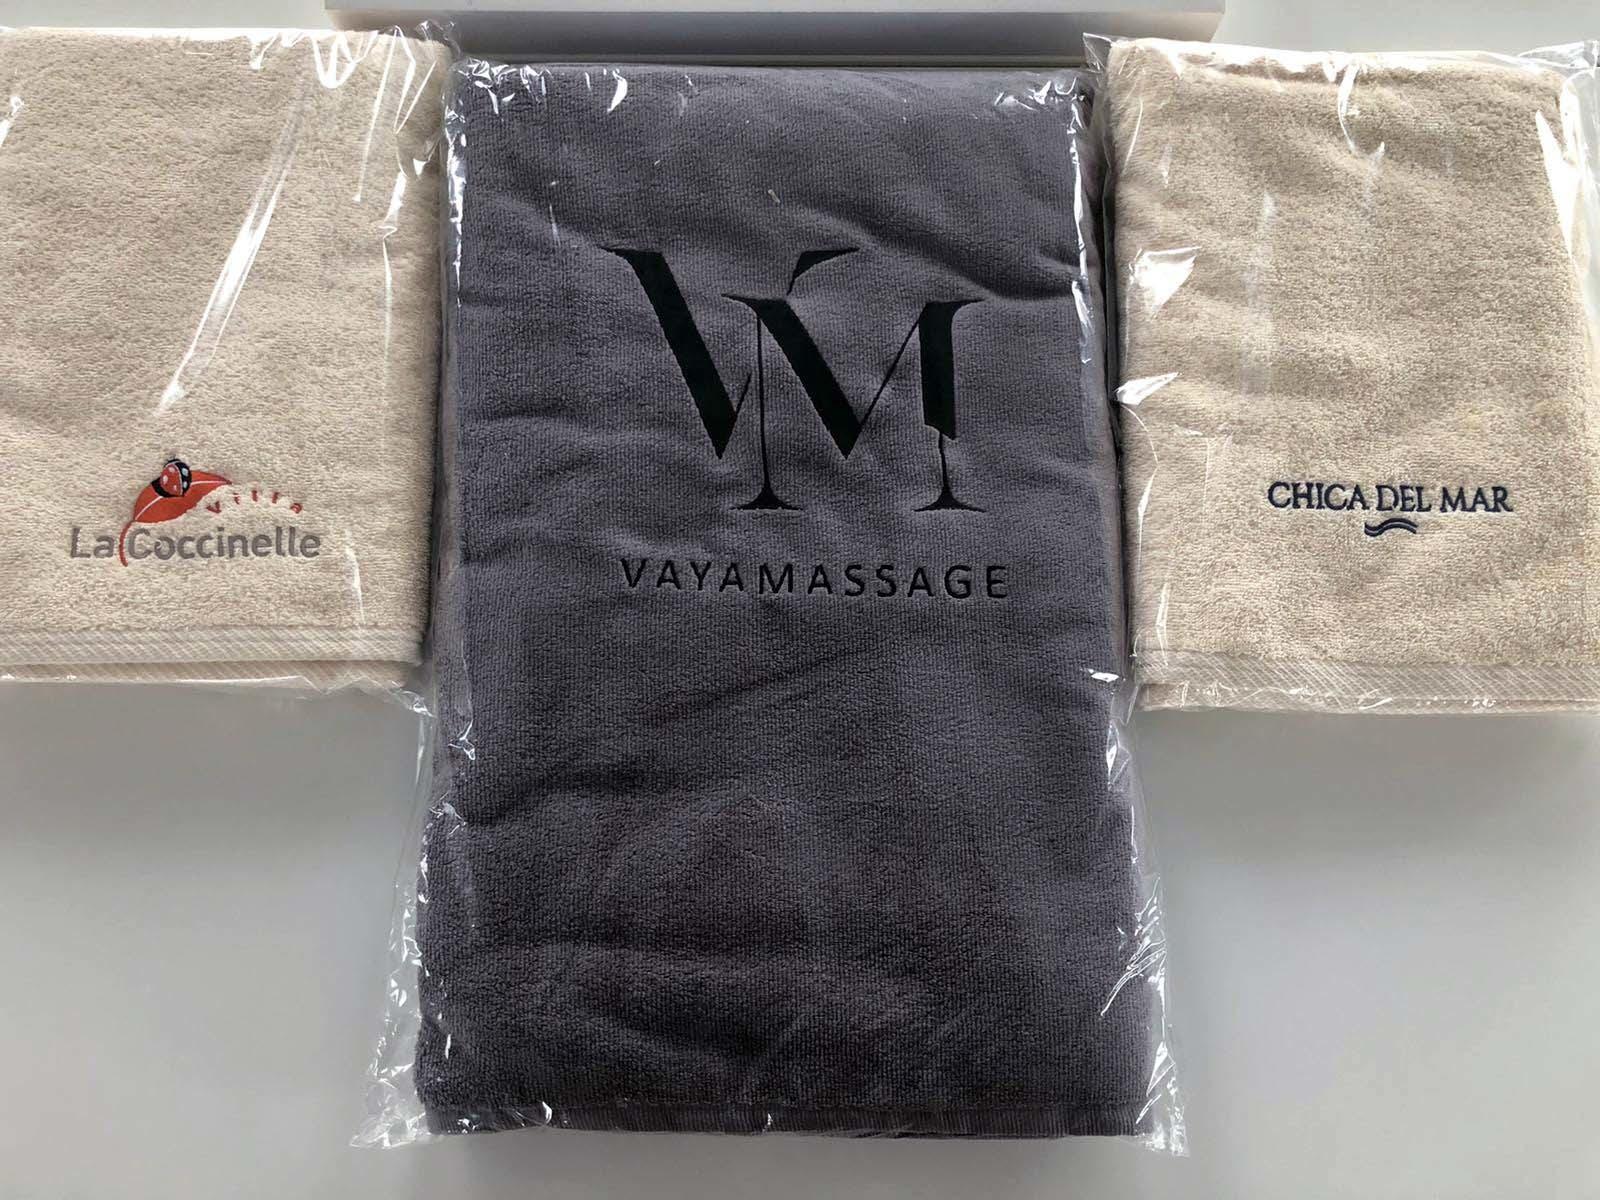 katoenen handdoek borduren met logo